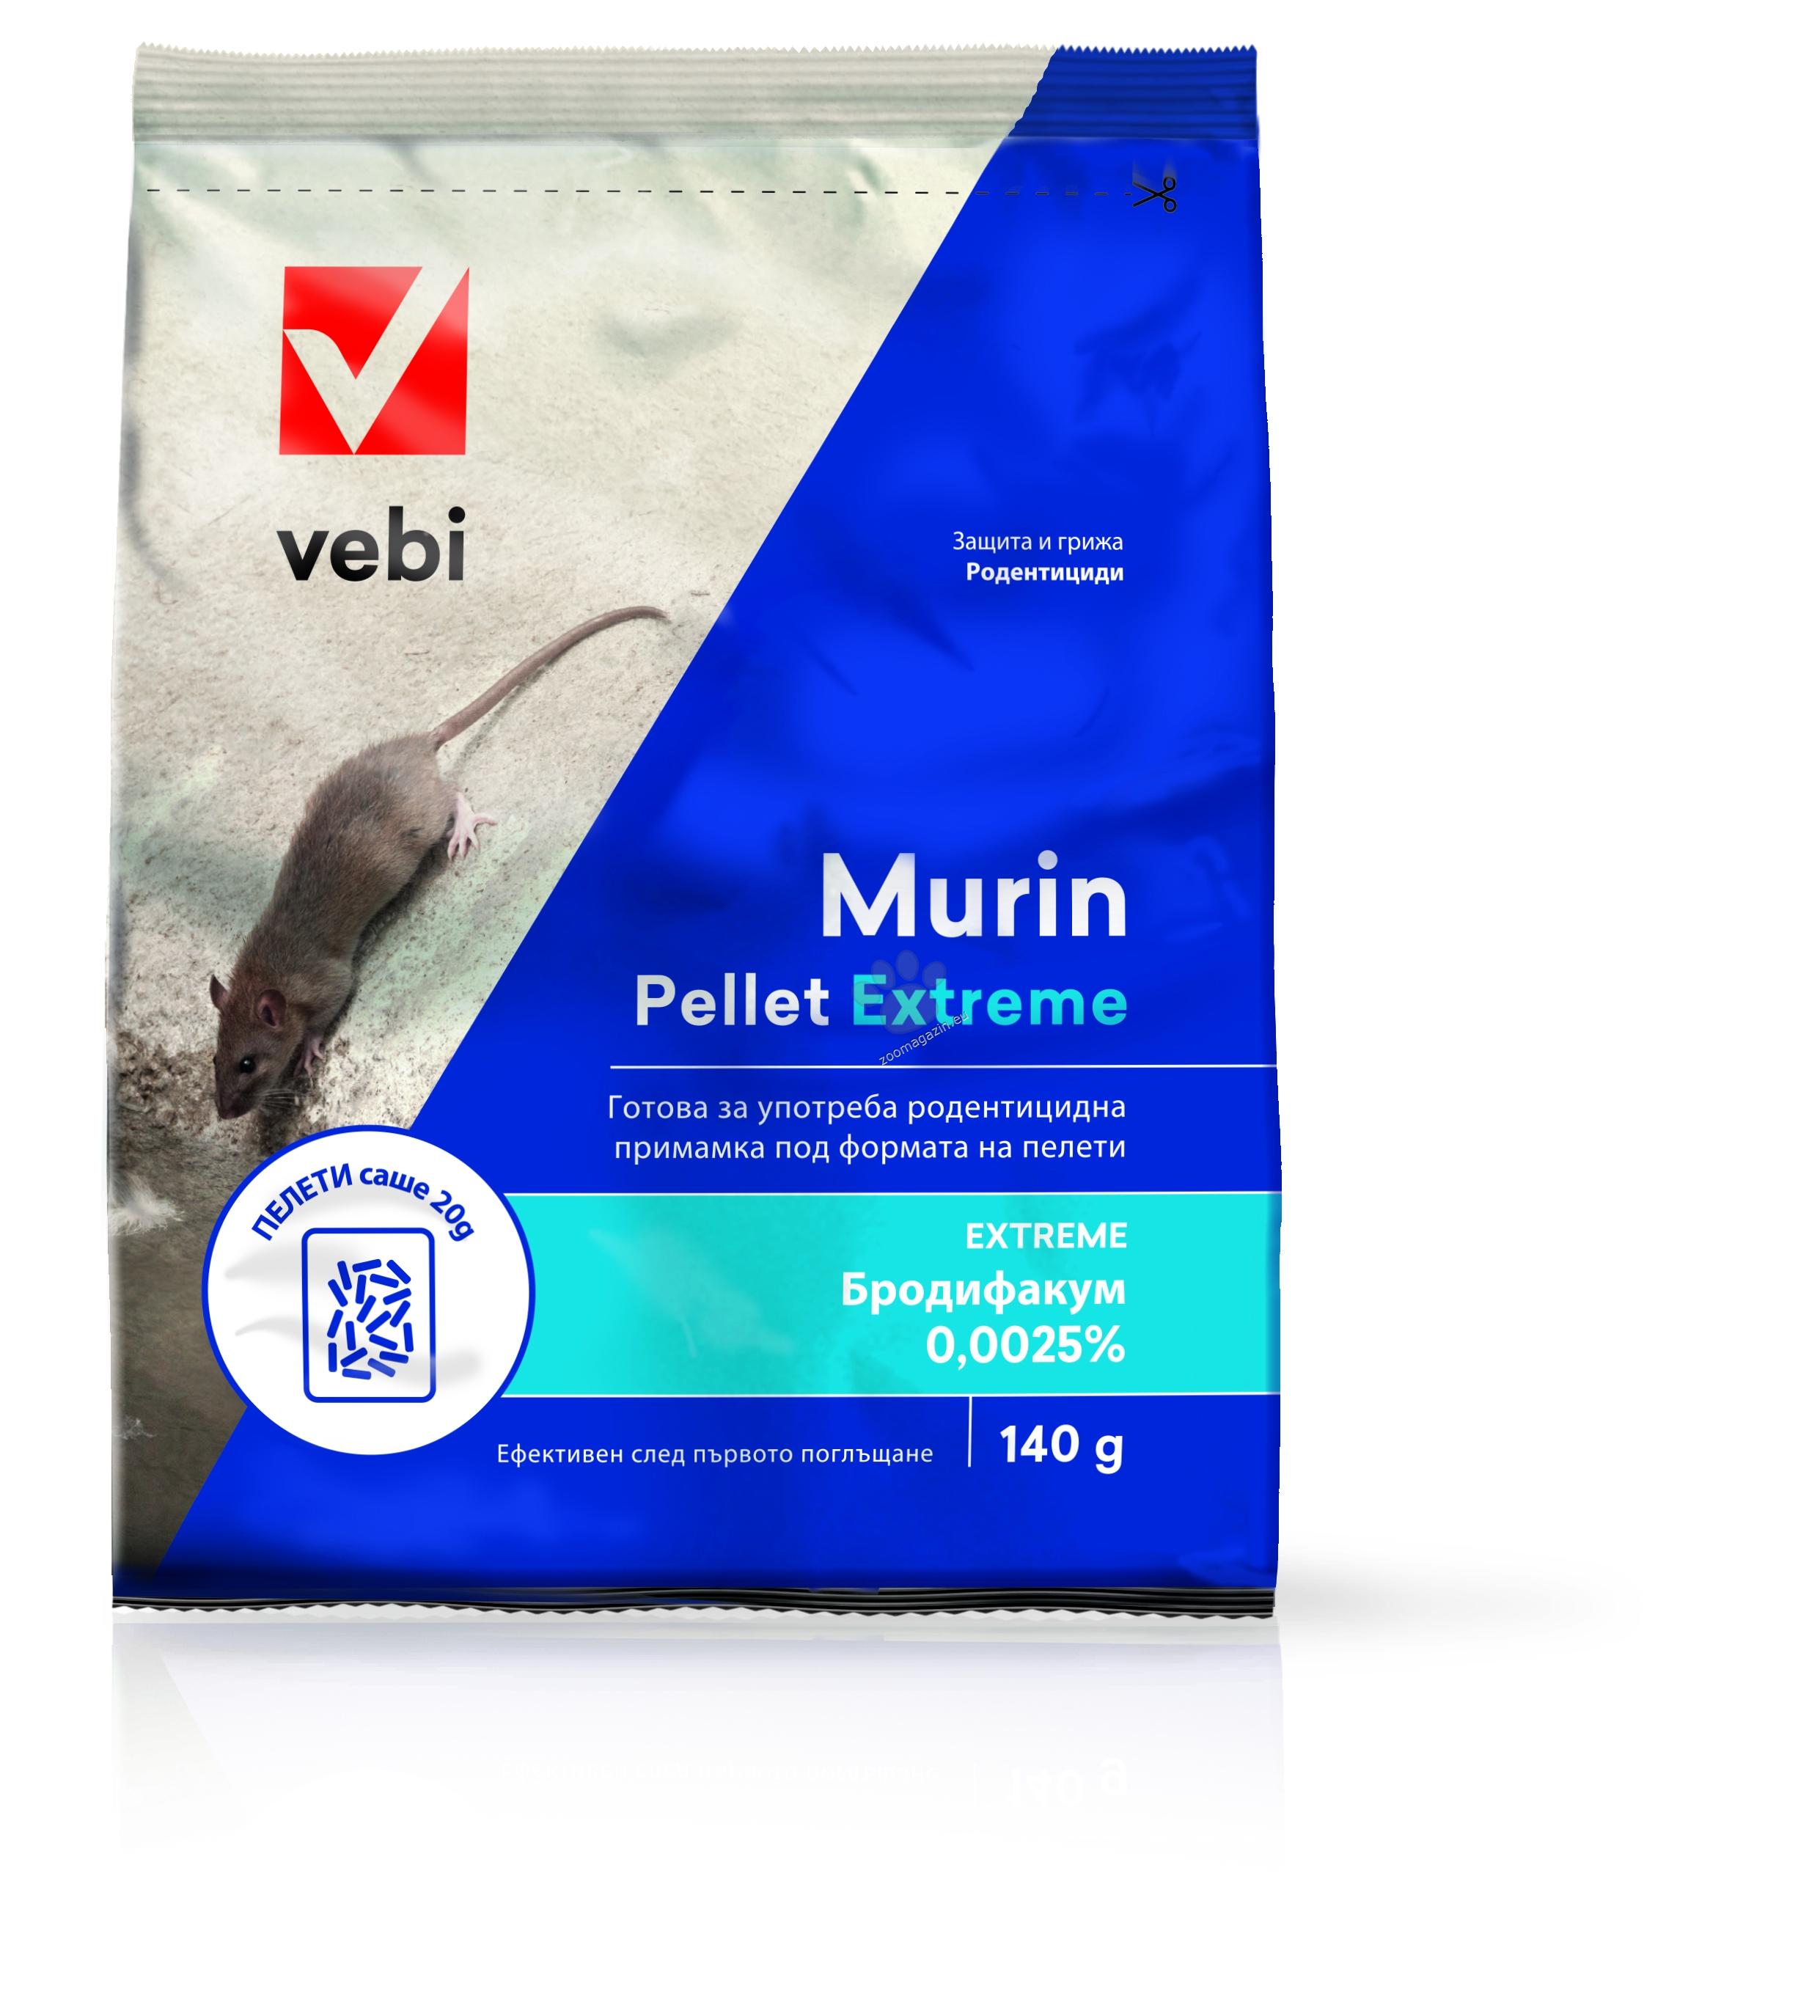 Murin Pellet Extreme - Готова за употреба родентицидка примамки за масова употреба 140 гр.